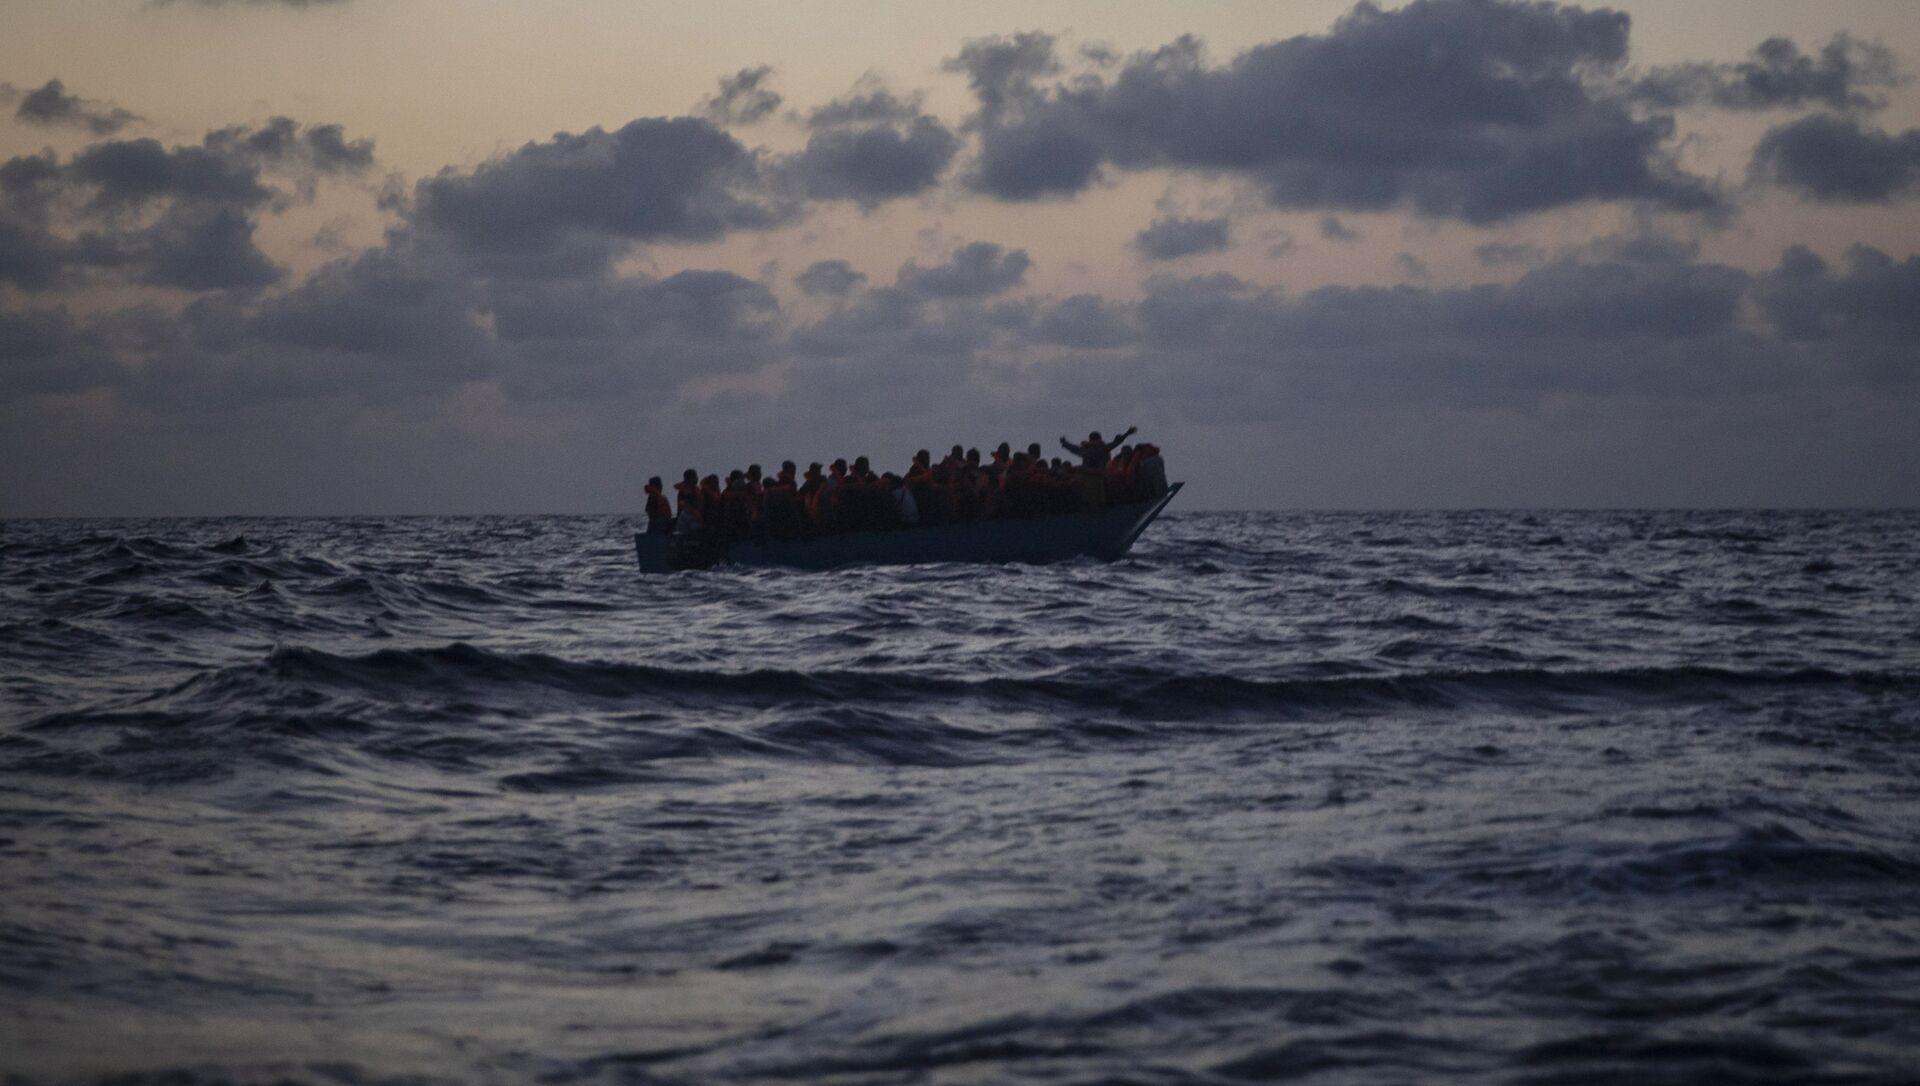 Inmigrantes esperan ser rescatados en el Mar Mediterráneo - Sputnik Mundo, 1920, 28.09.2020